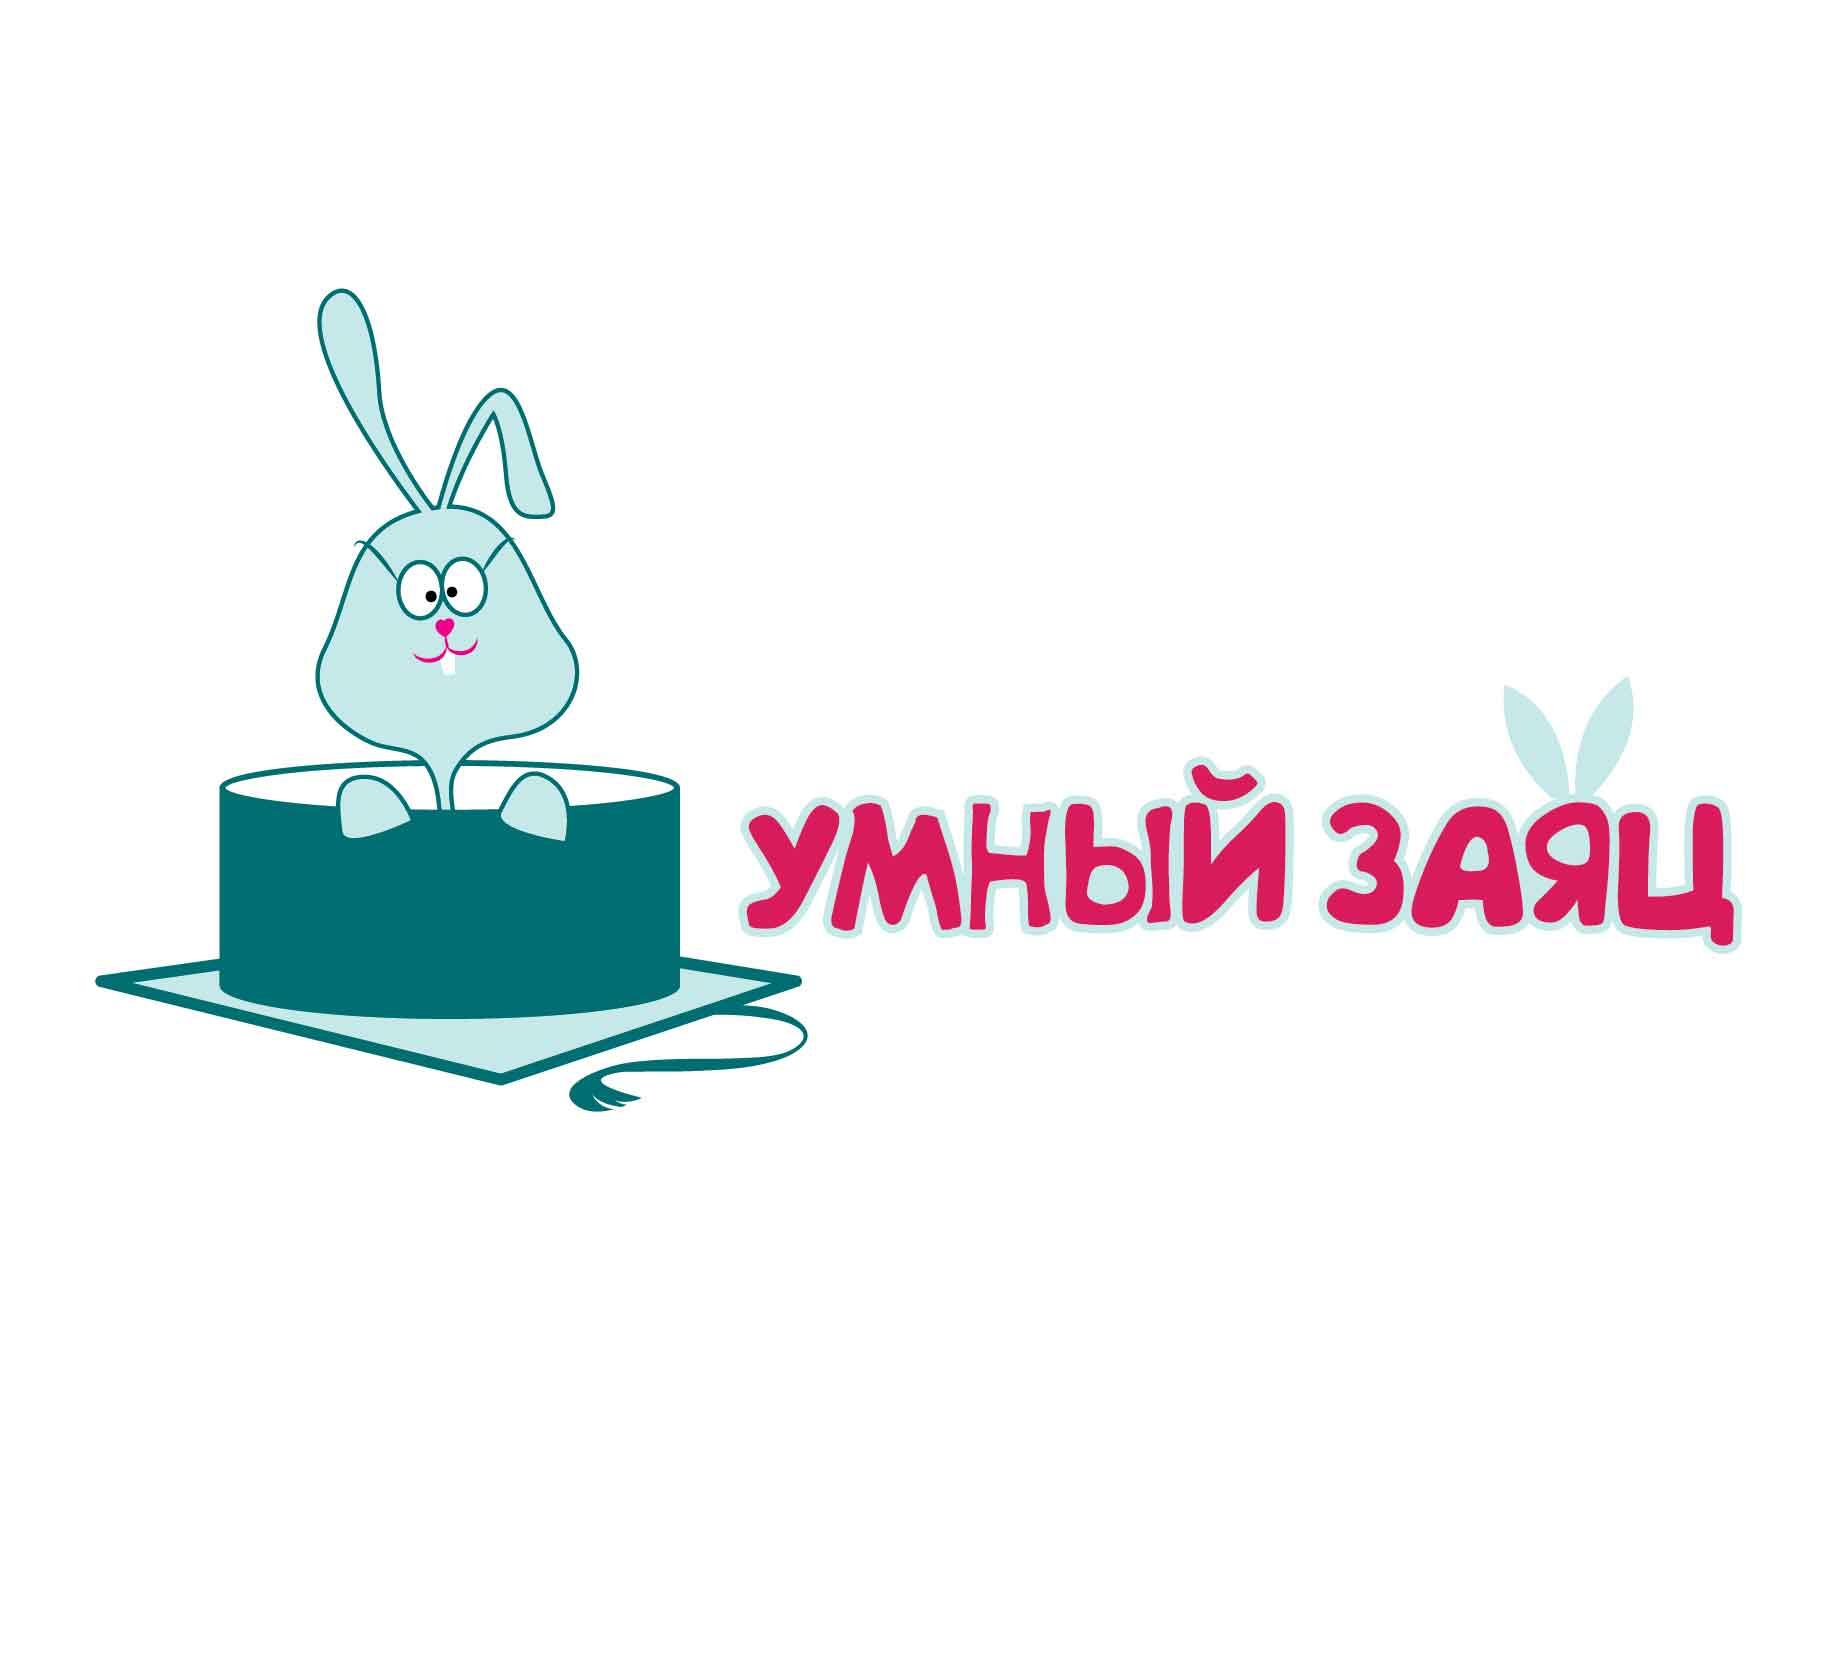 Разработать логотип и фирменный стиль детского клуба фото f_2195559a3700e7d4.jpg